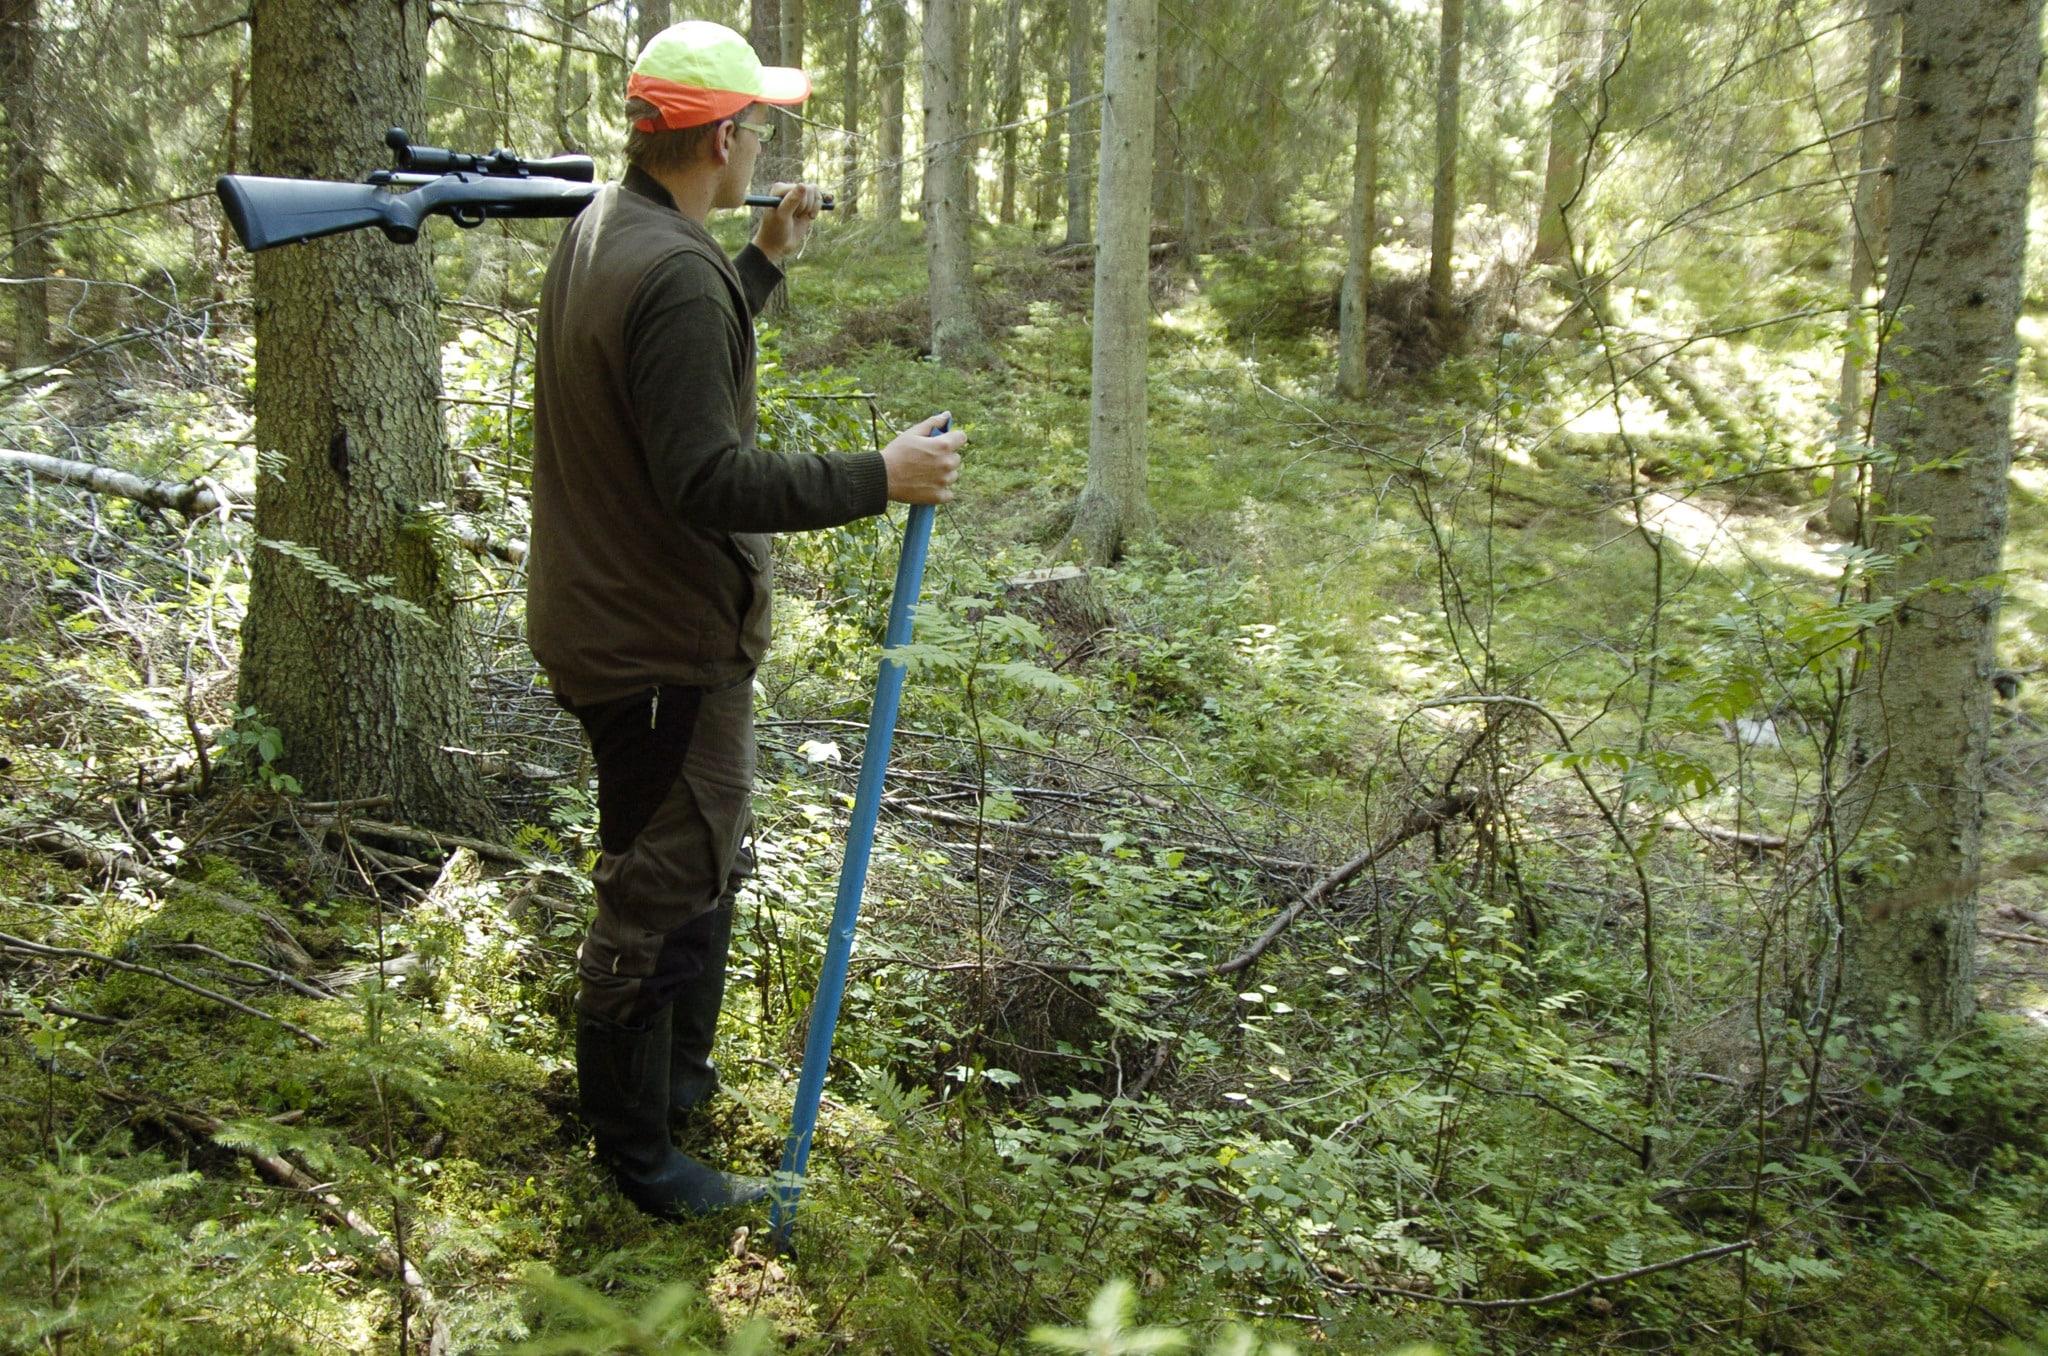 Två tredjedelar av markägarna, 230.000 stycken, jagar inte. Deras intresse av att hyra ut sin jaktmark är helt avgörande för svensk viltförvaltning, skriver debattören. Foto: Jan Henricson